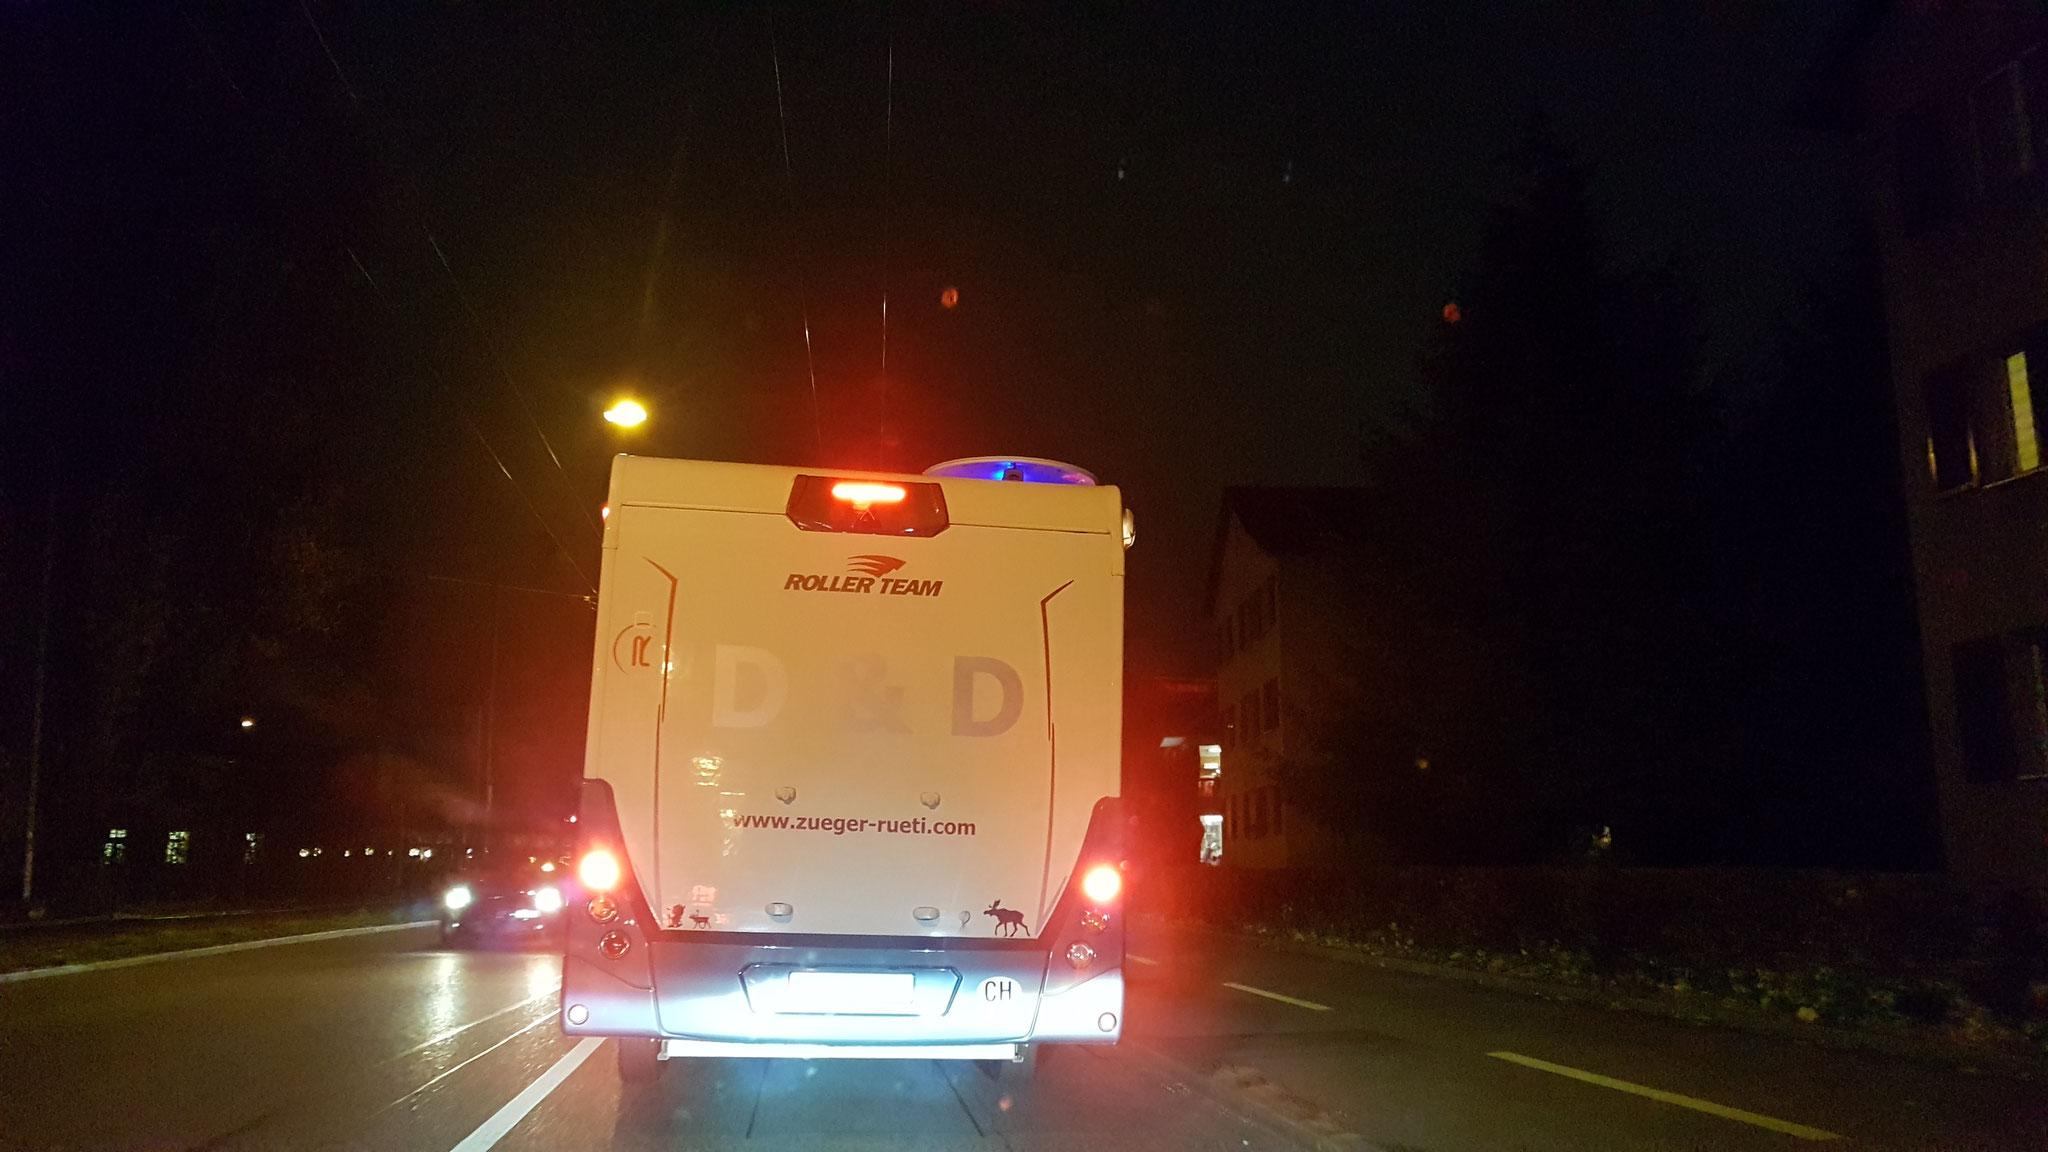 Das blaue Licht leuchtet ja sogar während der Fahrt